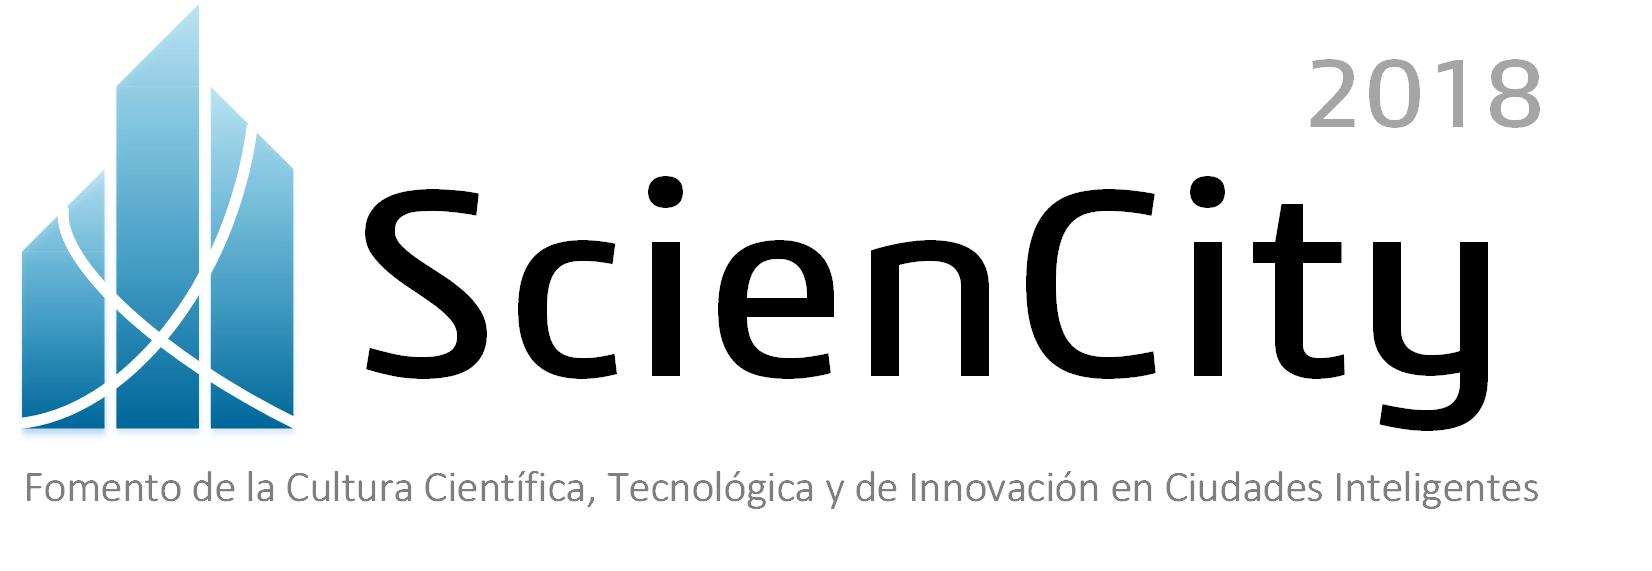 logo_(sin_marco)